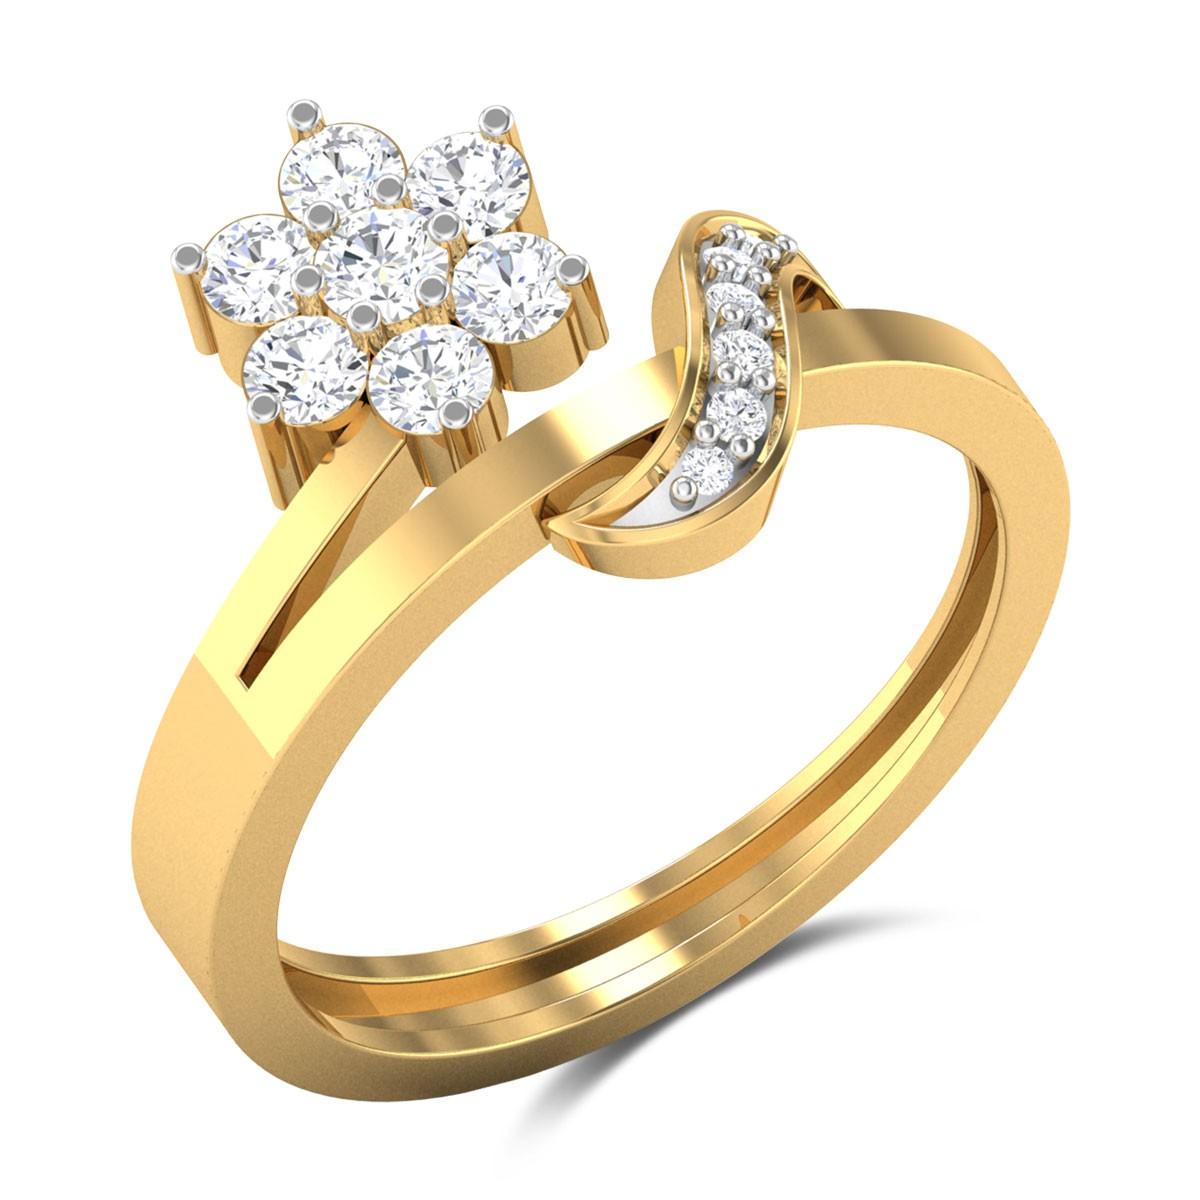 Della Split Band Floral Diamond Ring